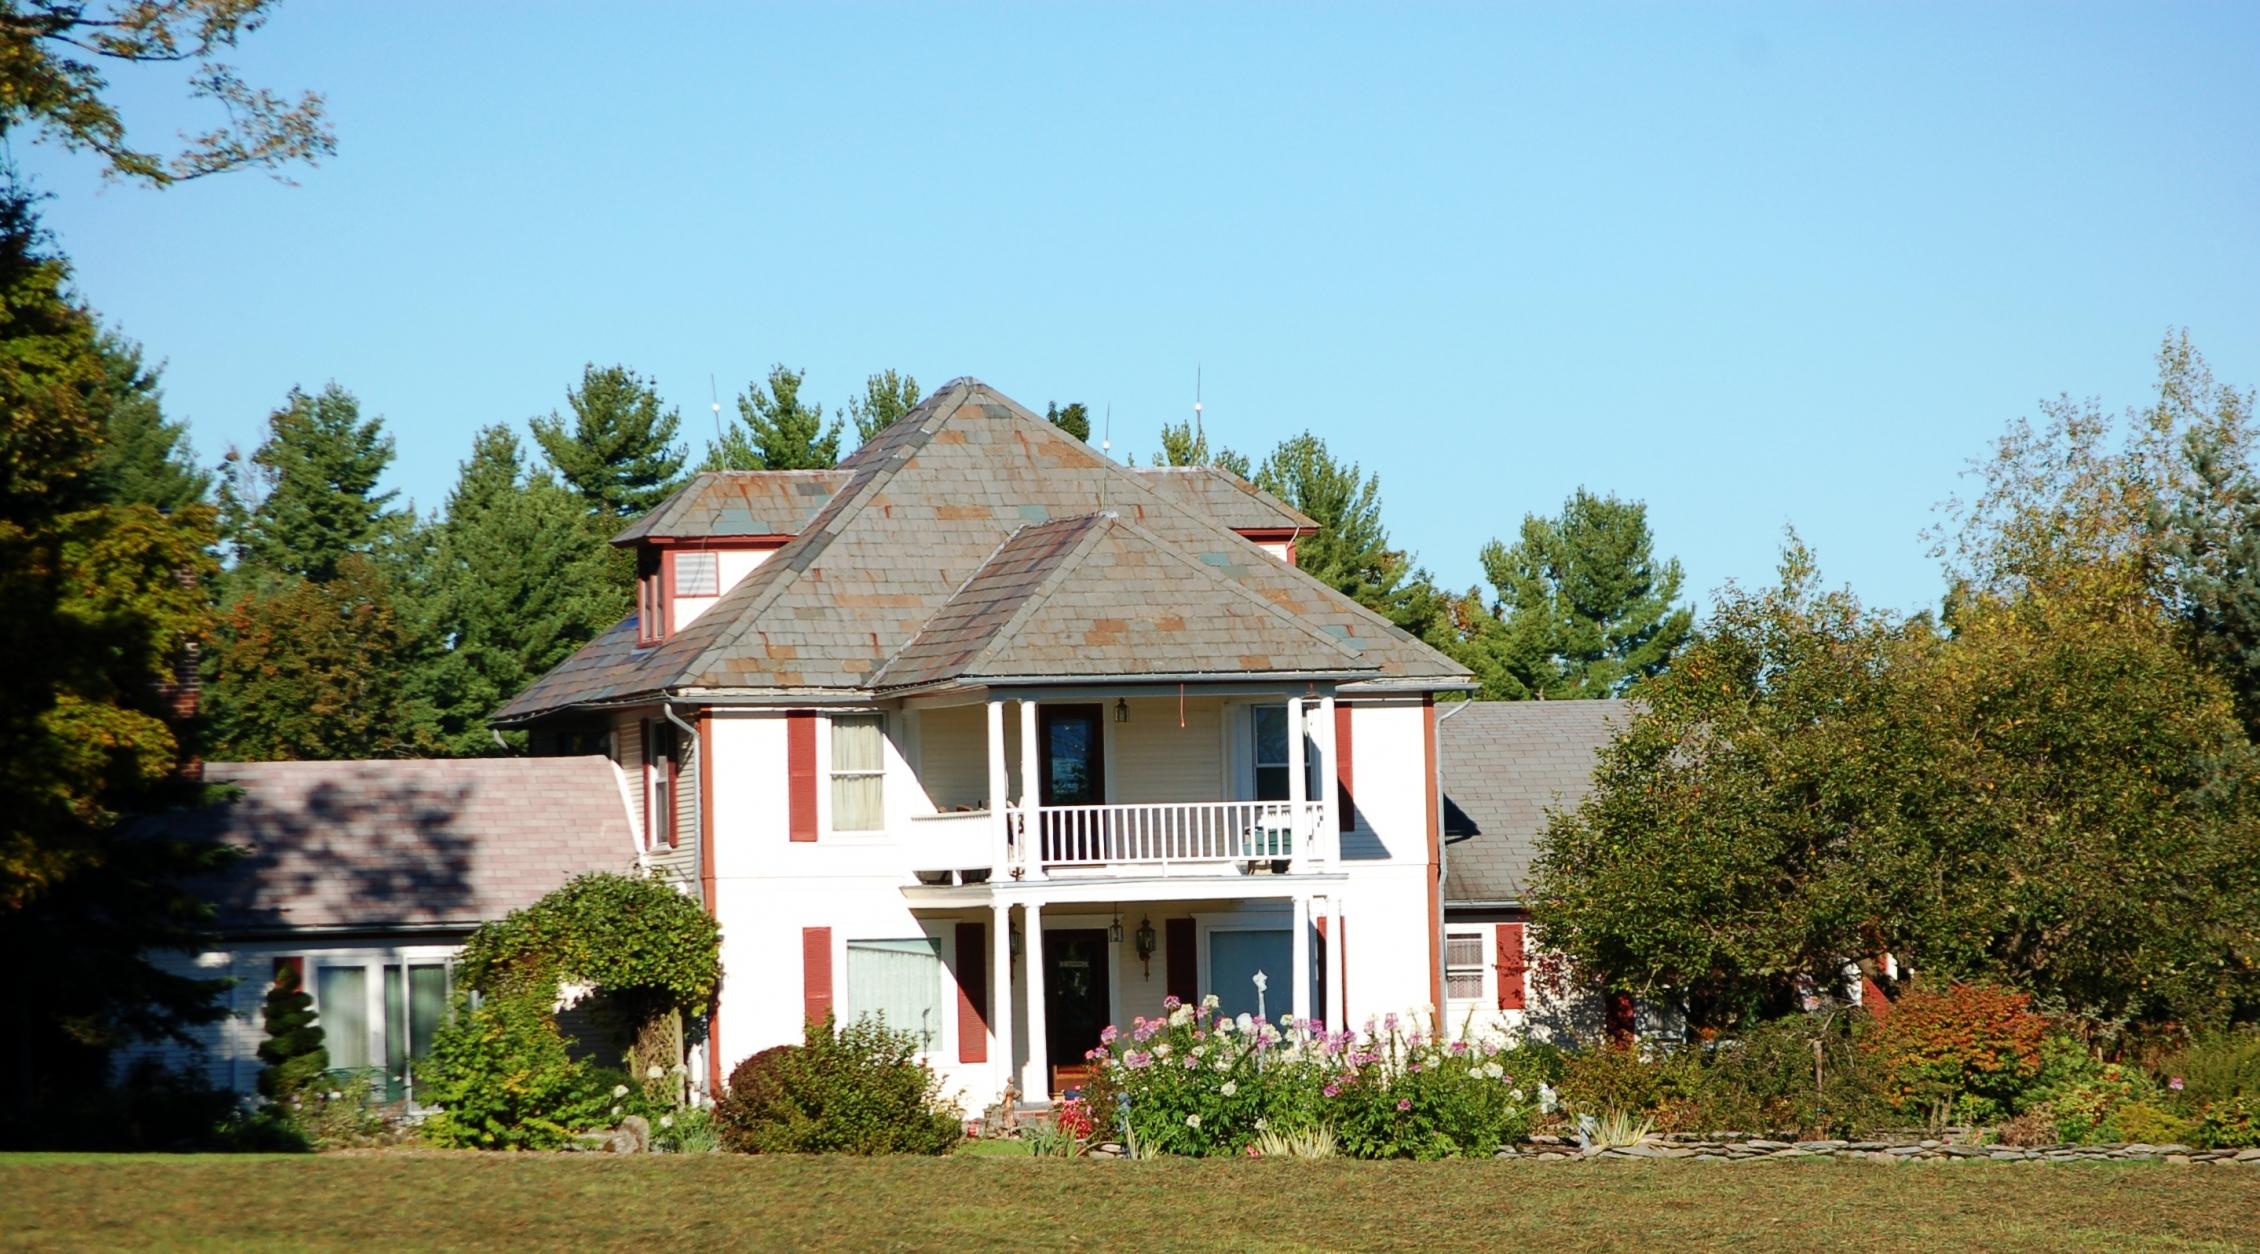 Maison unifamiliale pour l Vente à Mountain View Estate 1215 Sawyer-needham Rd Sudbury, Vermont 05778 États-Unis